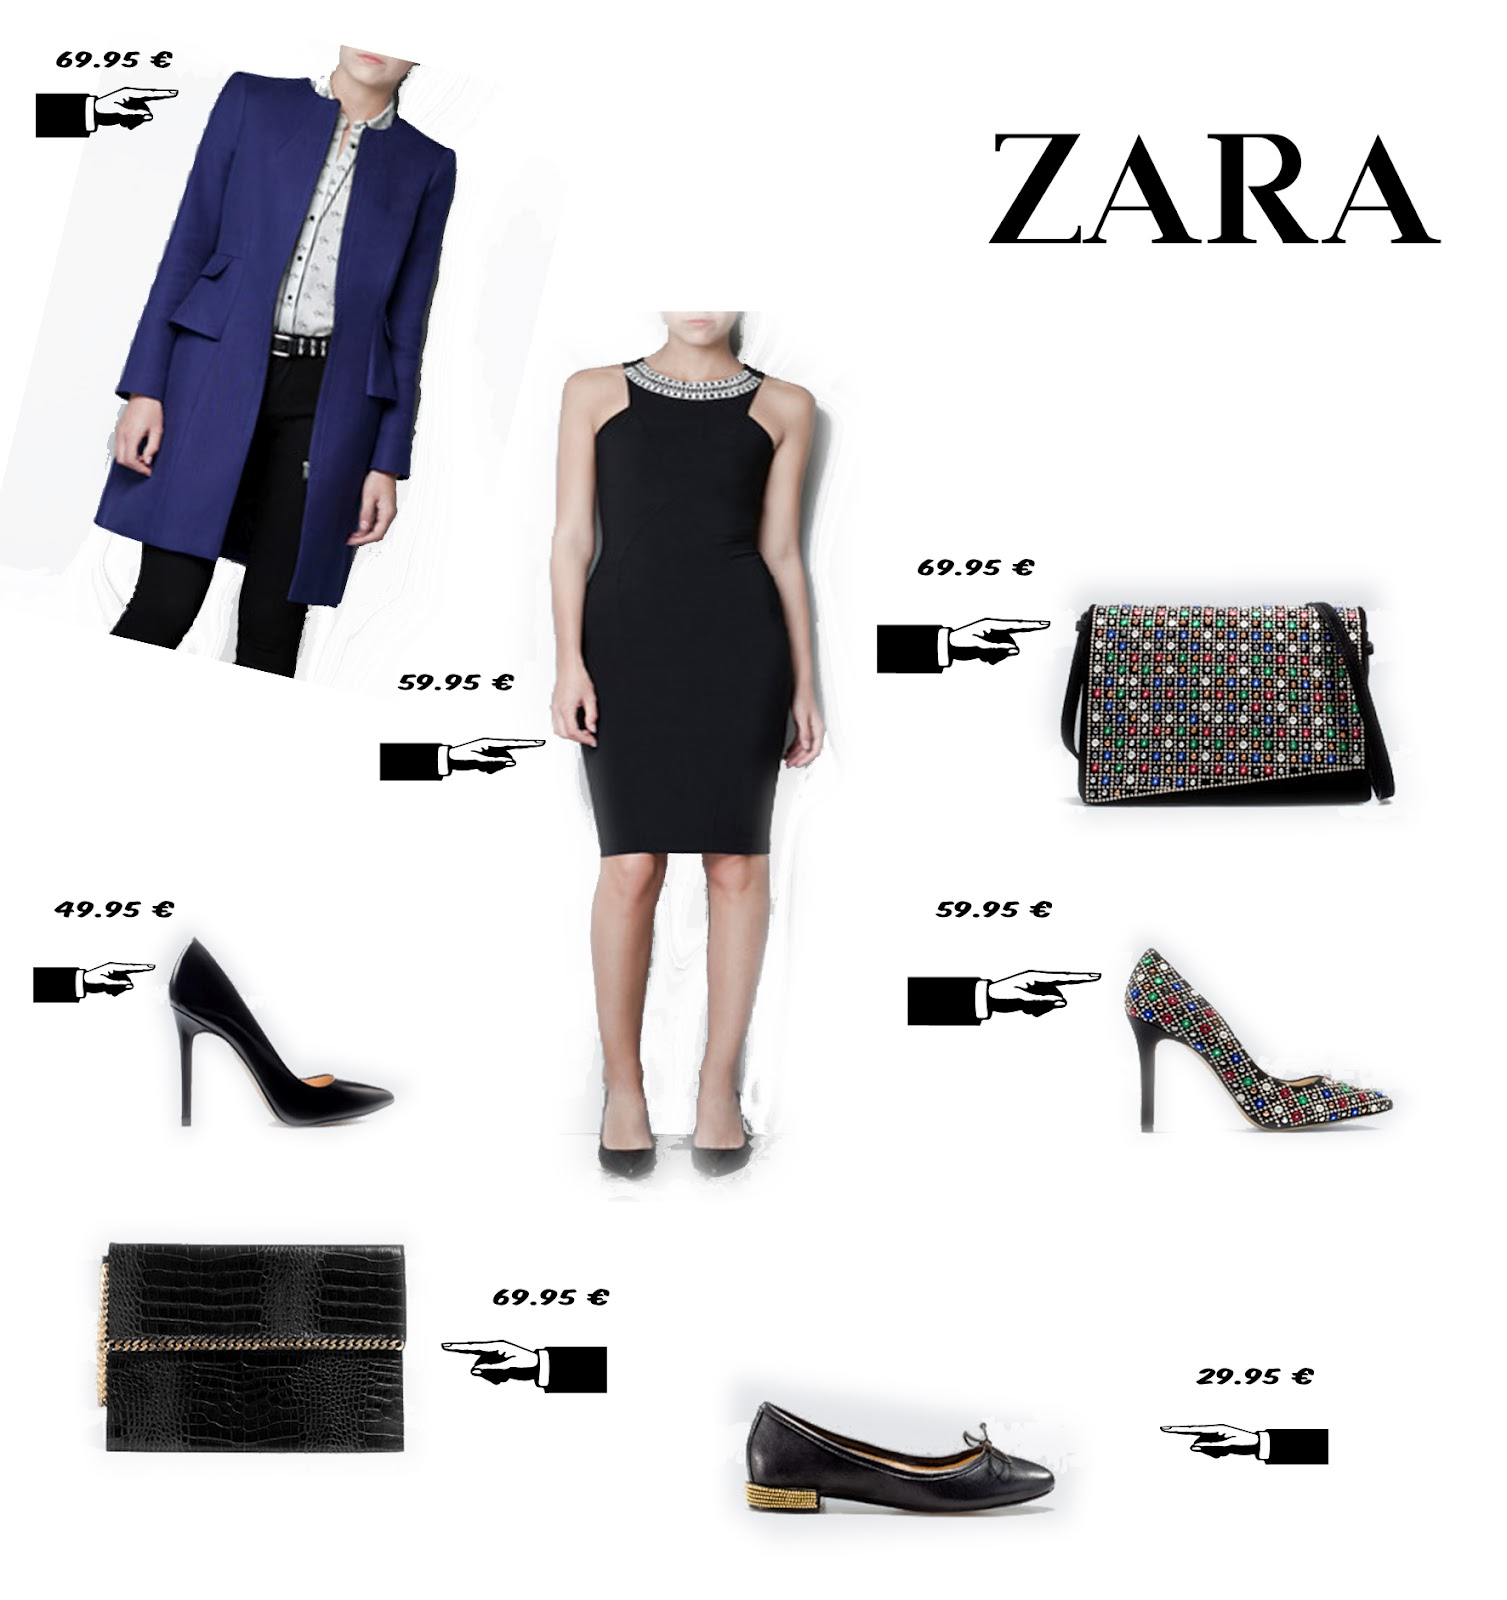 http://4.bp.blogspot.com/-YvKtW9c2nyA/UEUJcAyfRRI/AAAAAAAAAgY/nXy1D5NmlPU/s1600/zara+ropa+vestir.jpg